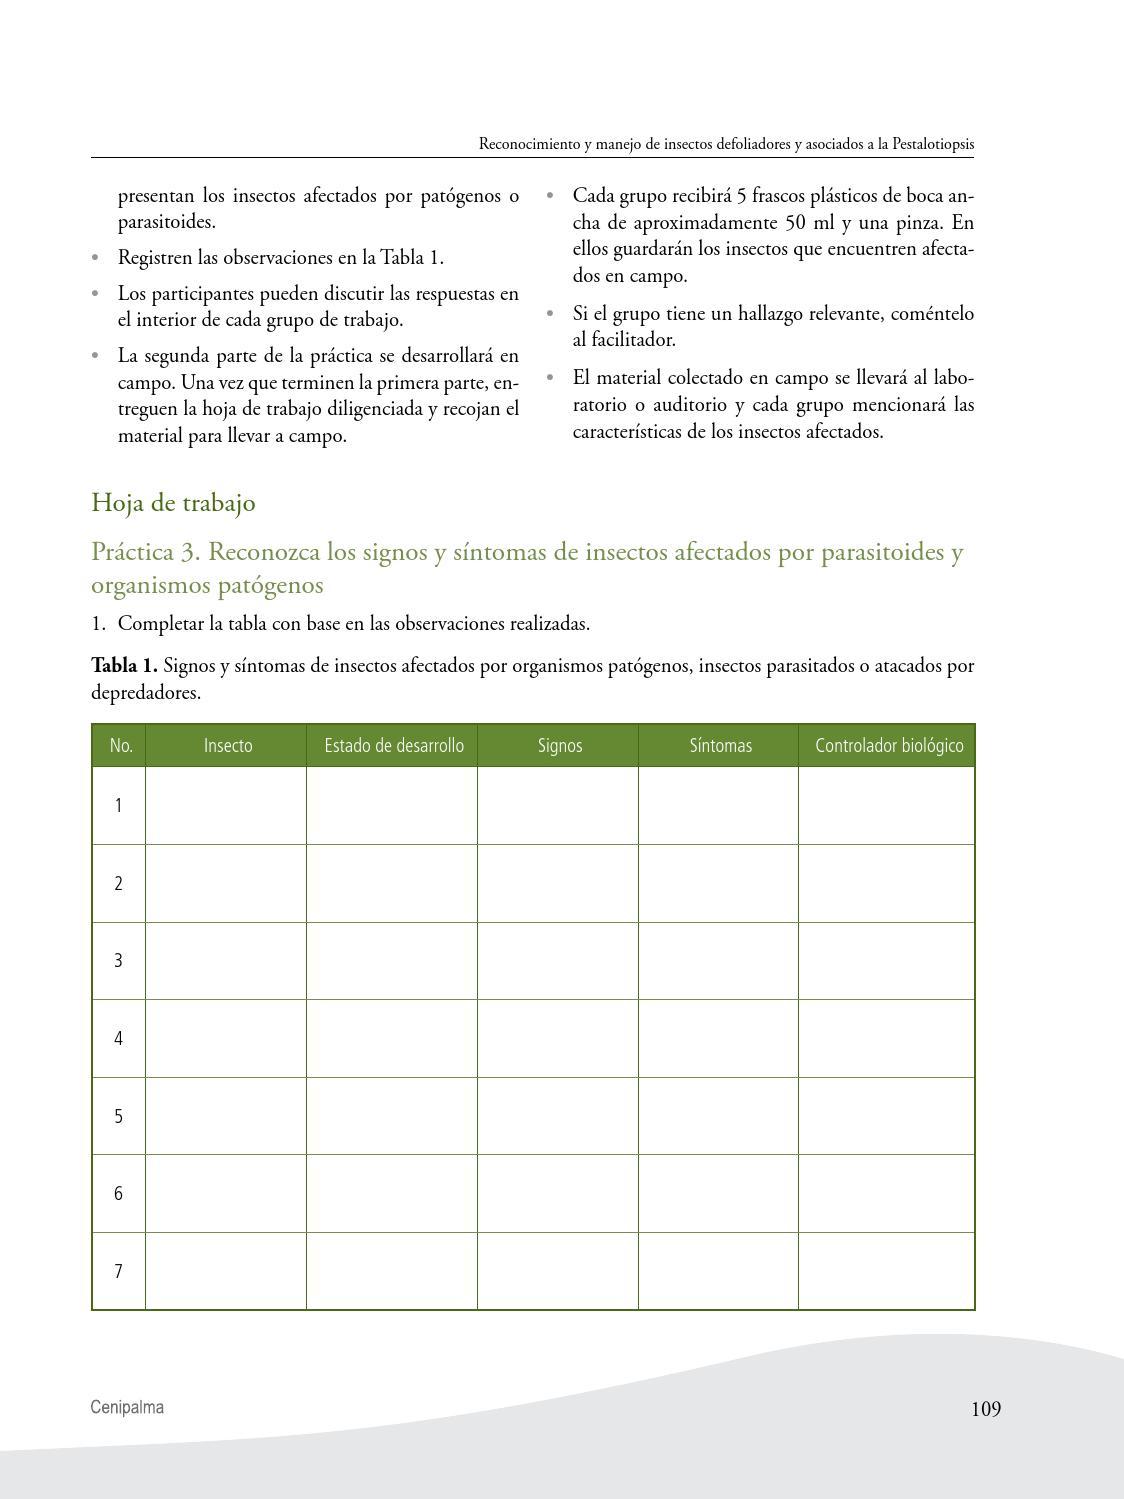 Guía de reconocimiento y manejo de insectos defoliadores y asociados ...